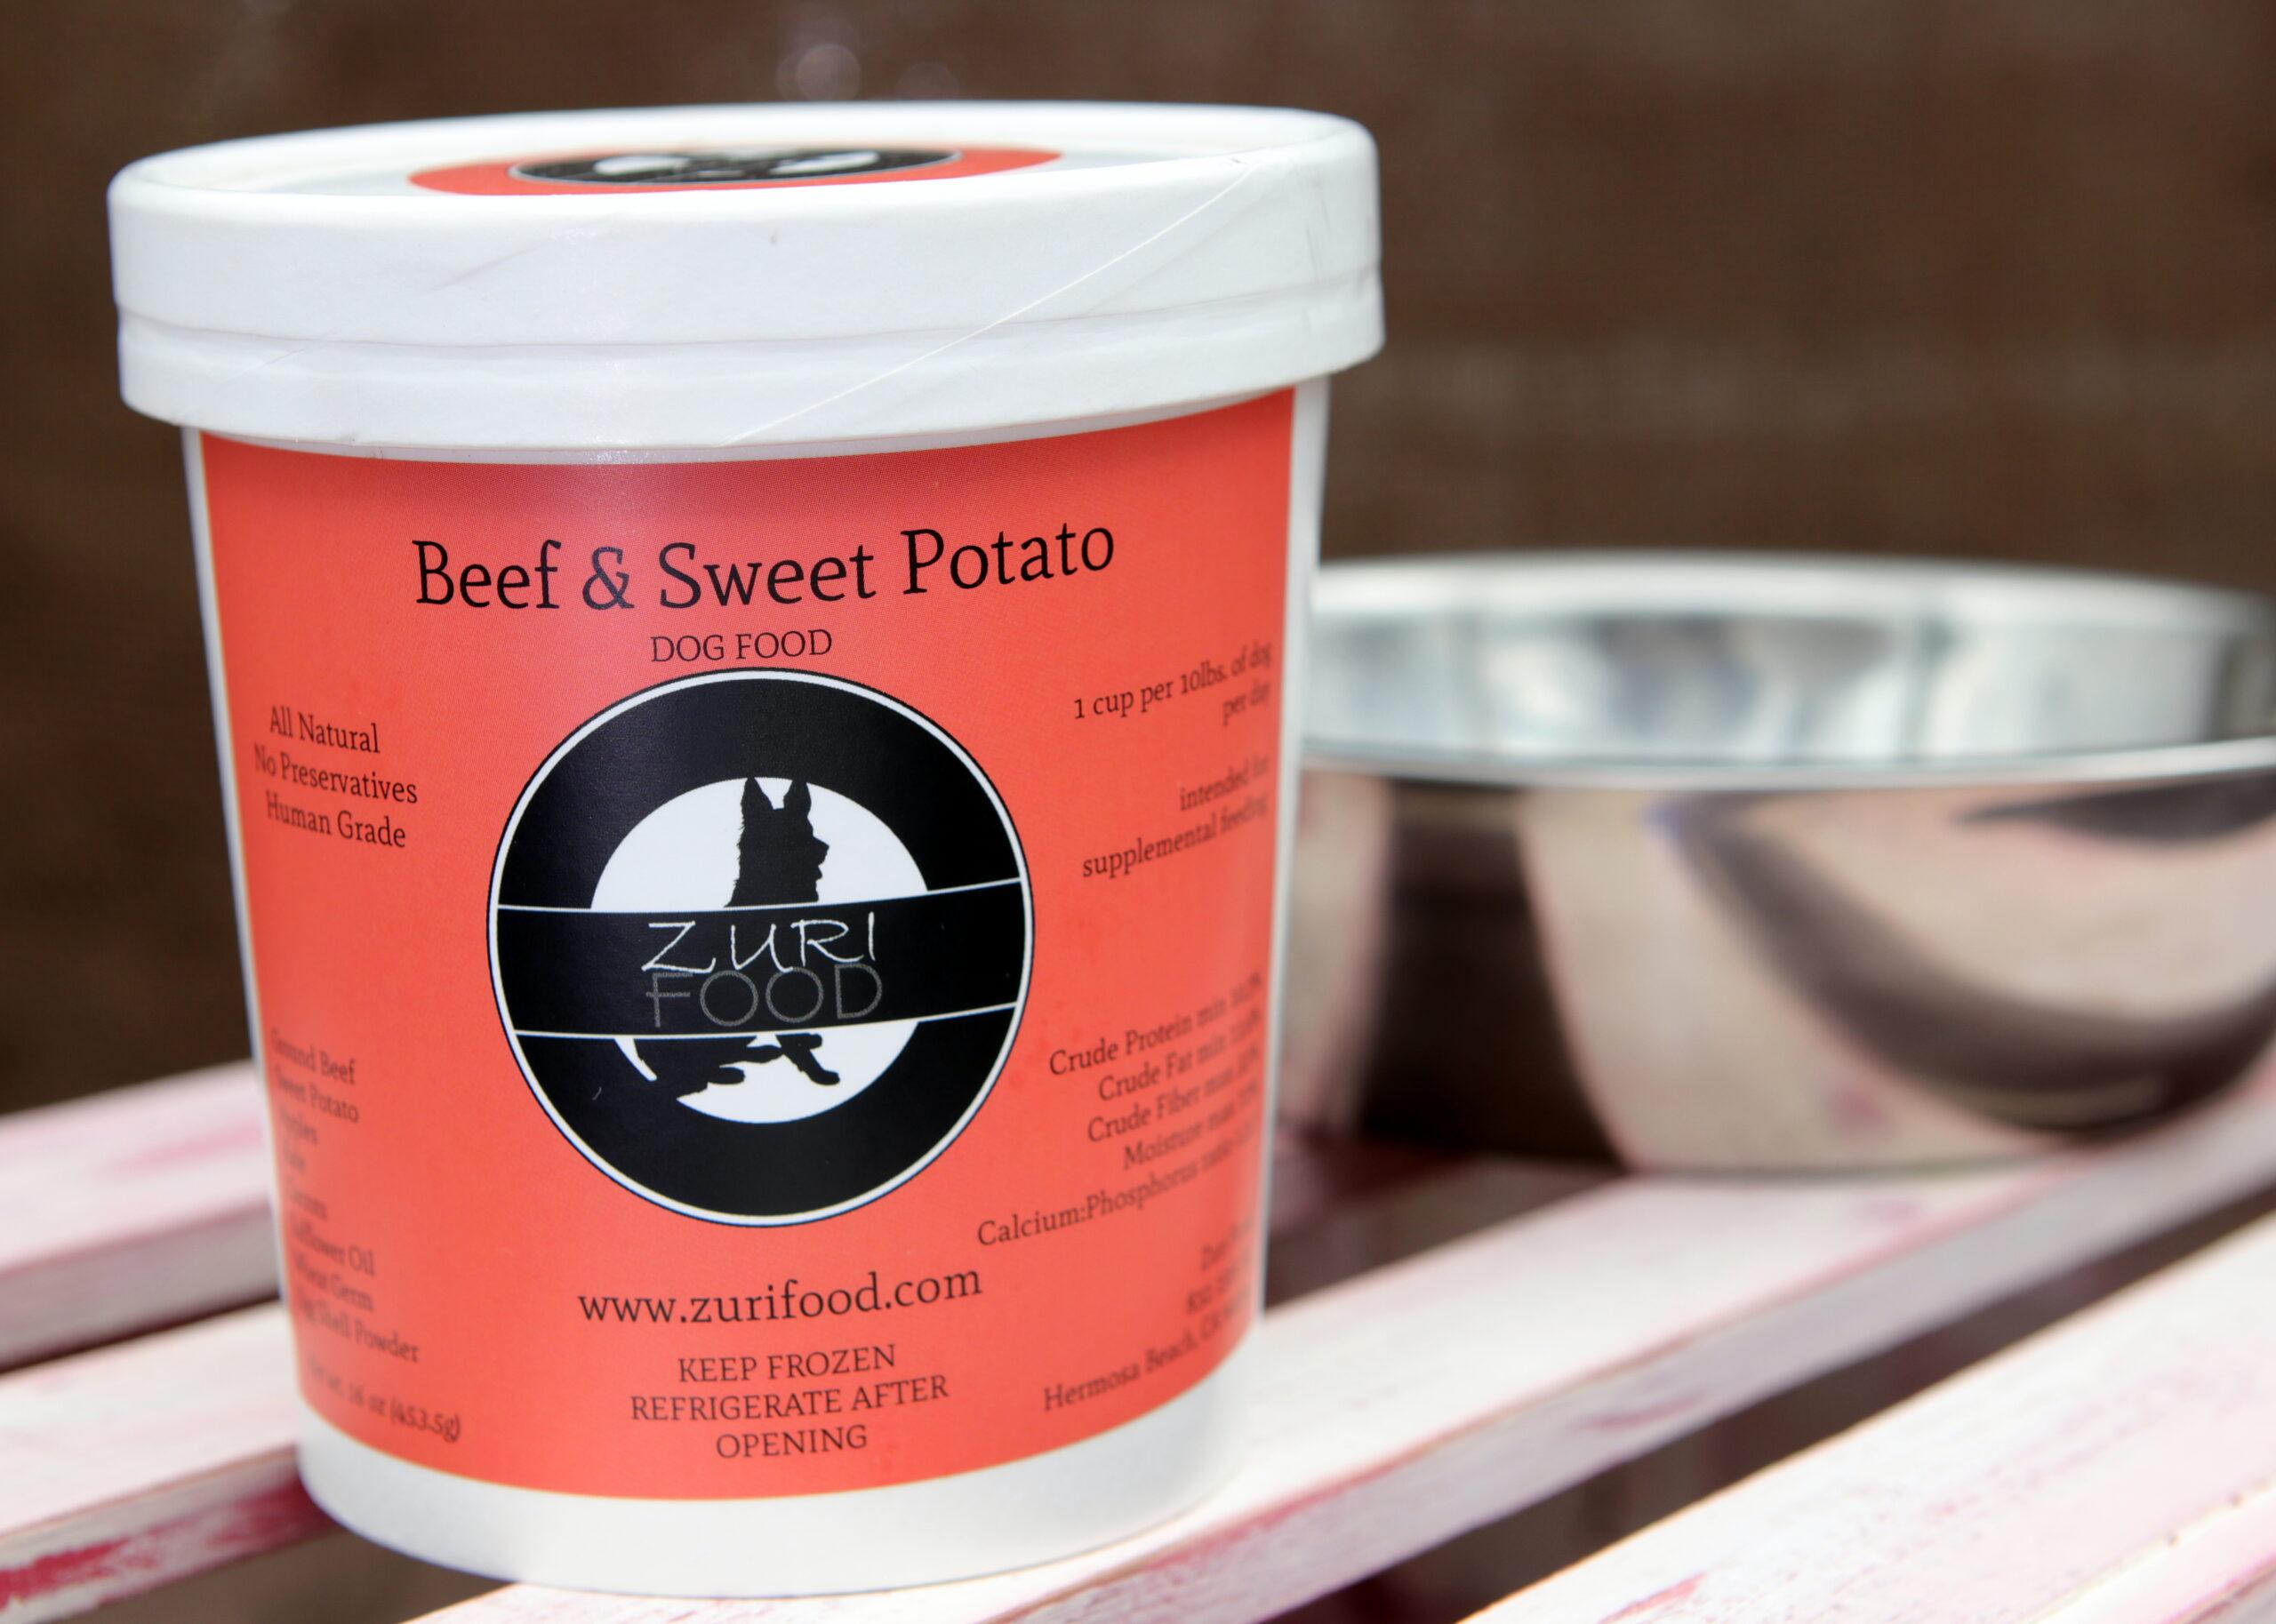 Beef & Sweet Potato